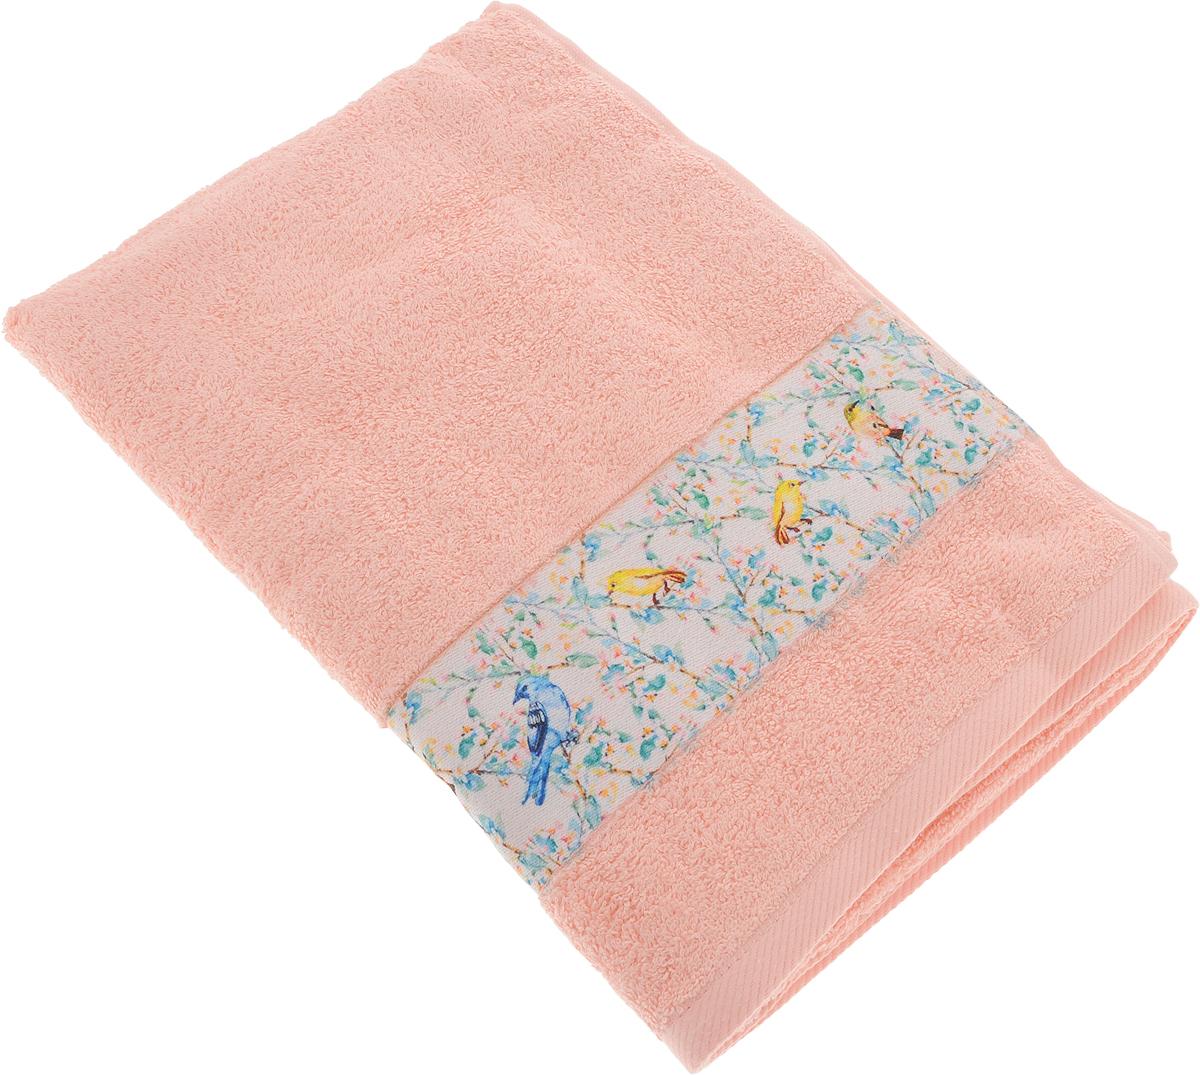 Полотенце Aquarelle Фотобордюр. Цветы 5, цвет: розово-персиковый, 70 х 140 см полотенце махровое aquarelle волна цвет ваниль 70 x 140 см